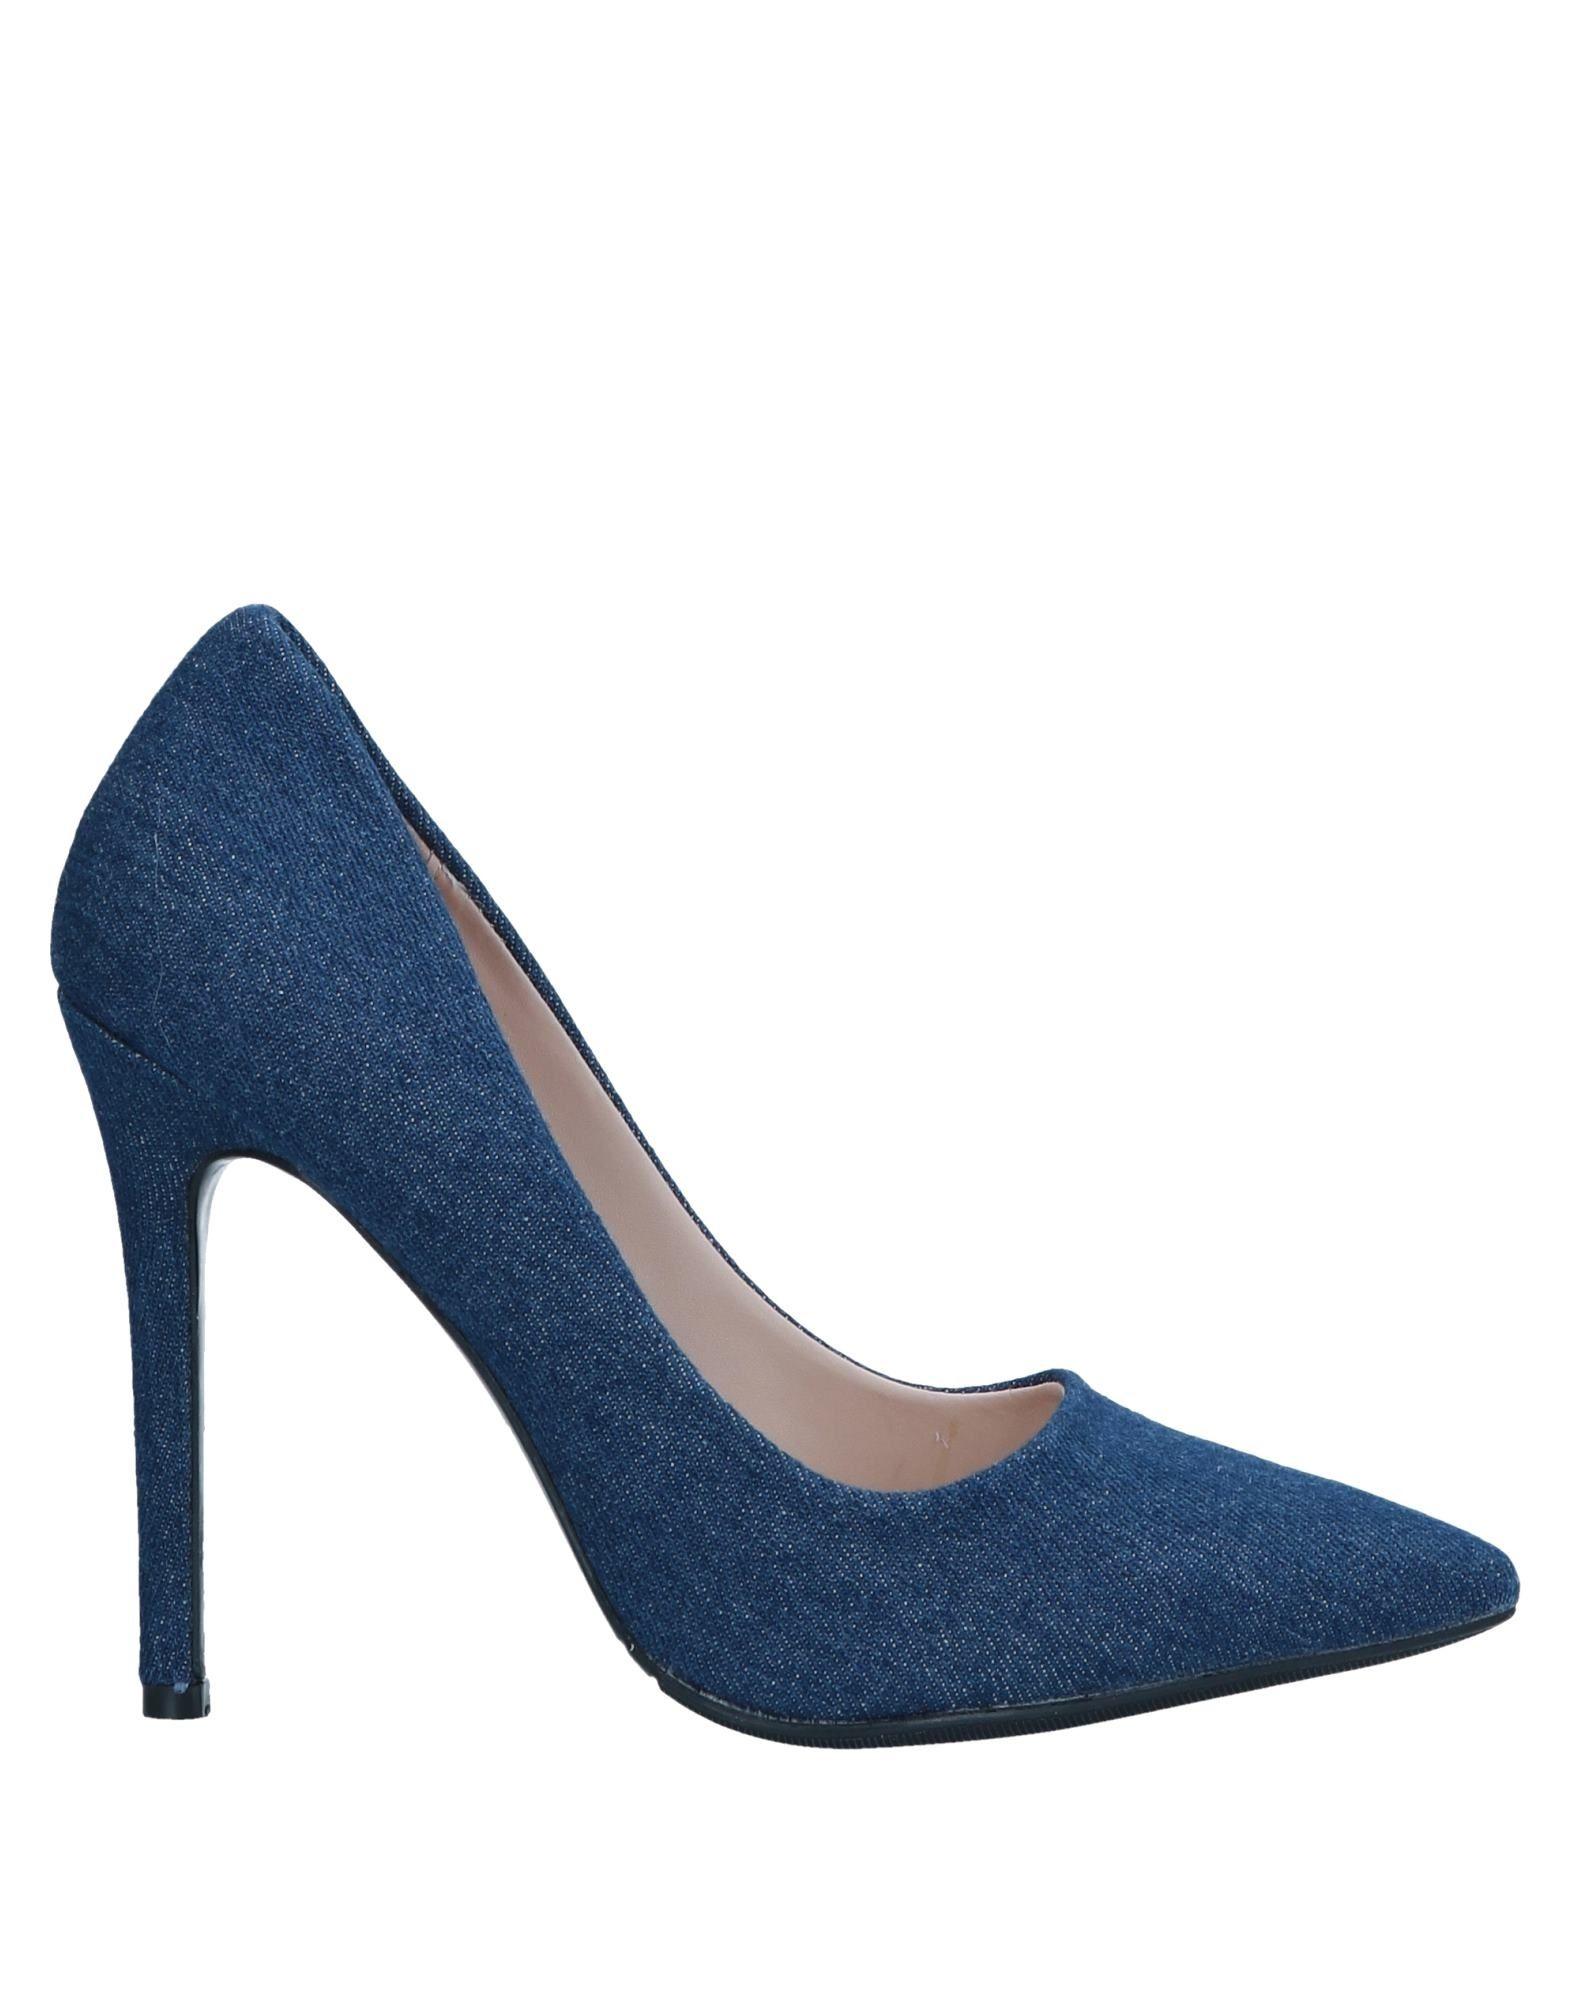 Sandali Schutz Donna e - 11482686QN Nuove offerte e Donna scarpe comode 5be8c8